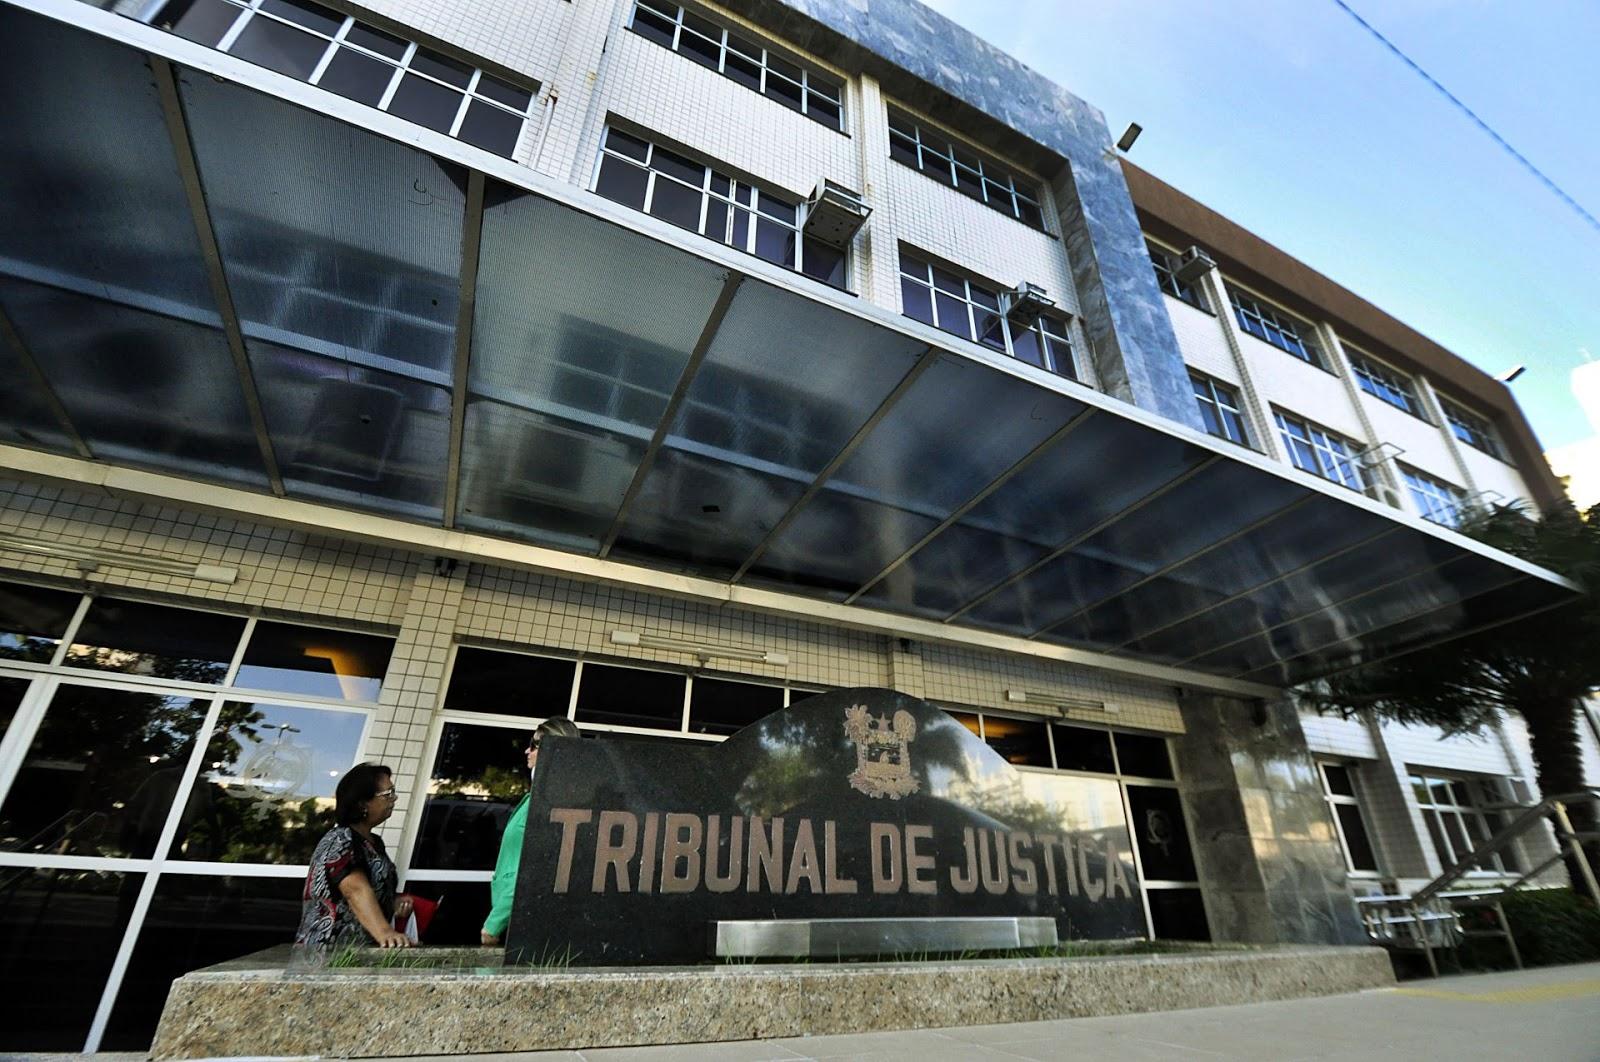 fachada_do_tribunal_de_justicado_rn._eduardo_maia_4_2